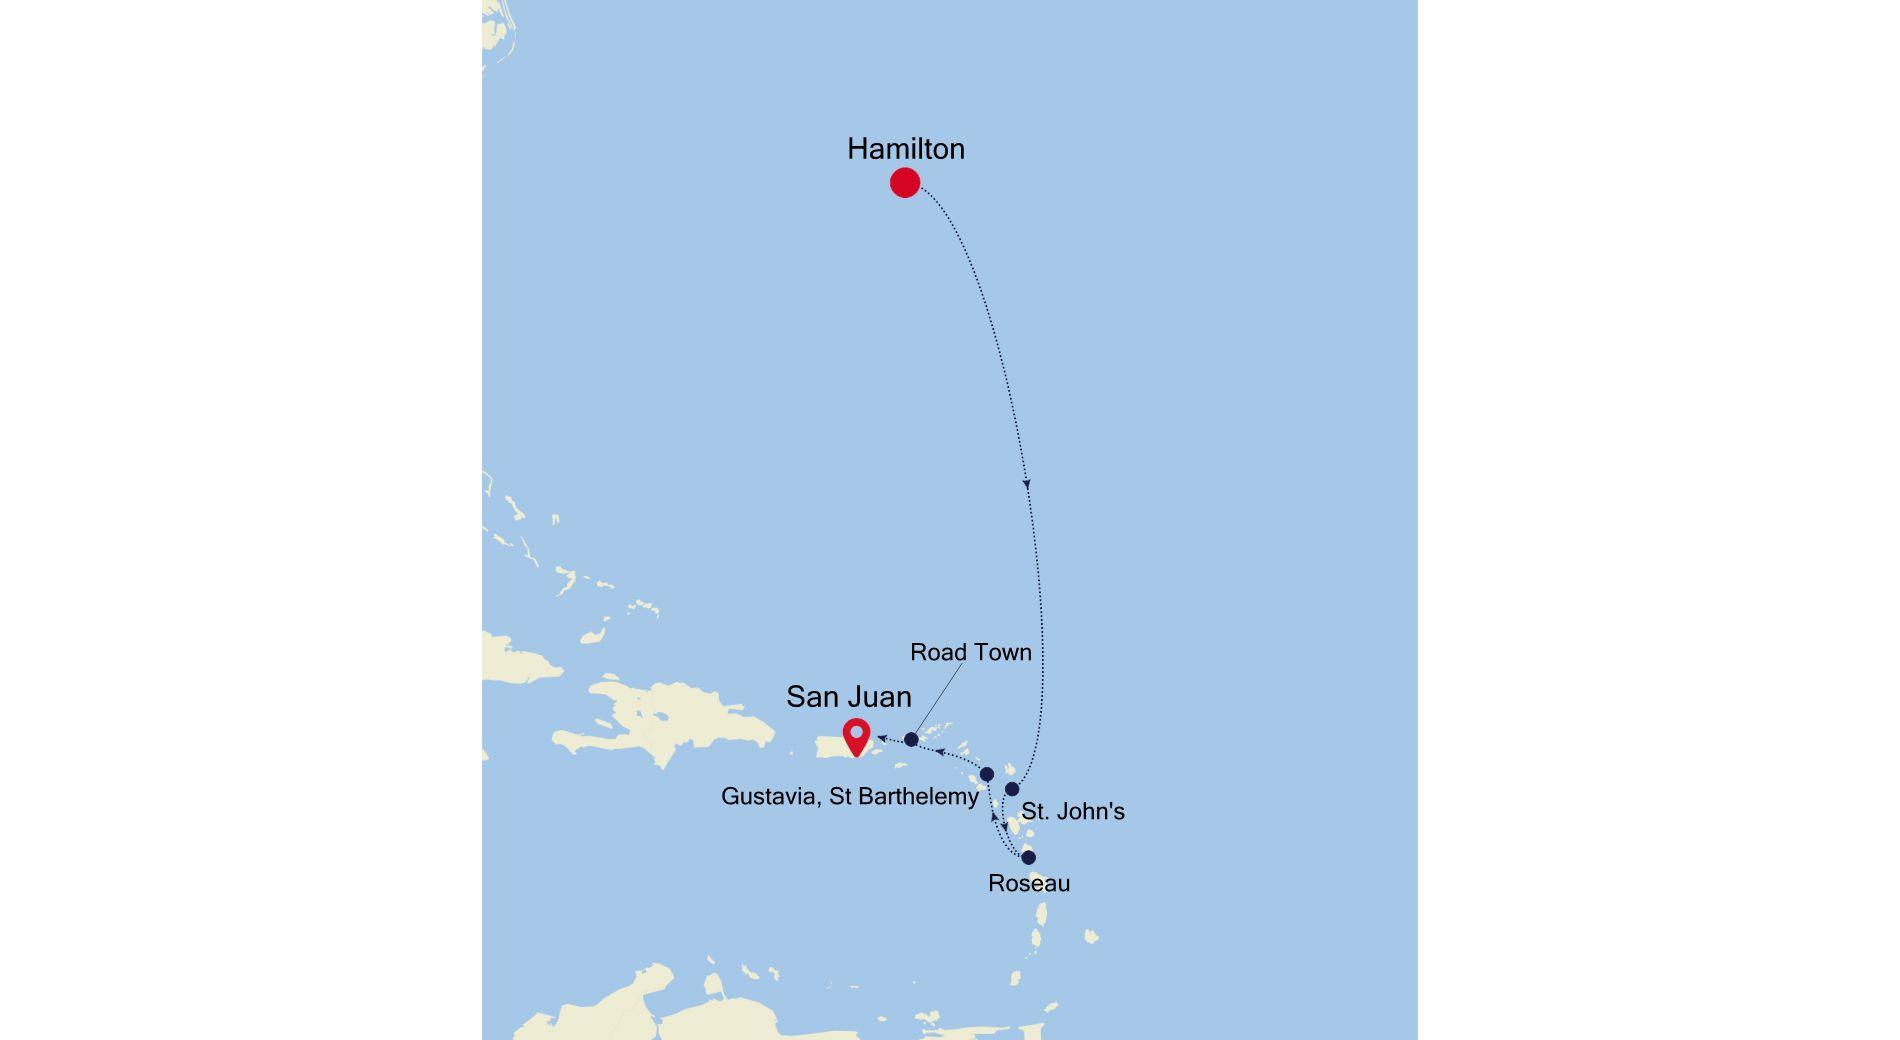 4928A - Hamilton to San Juan